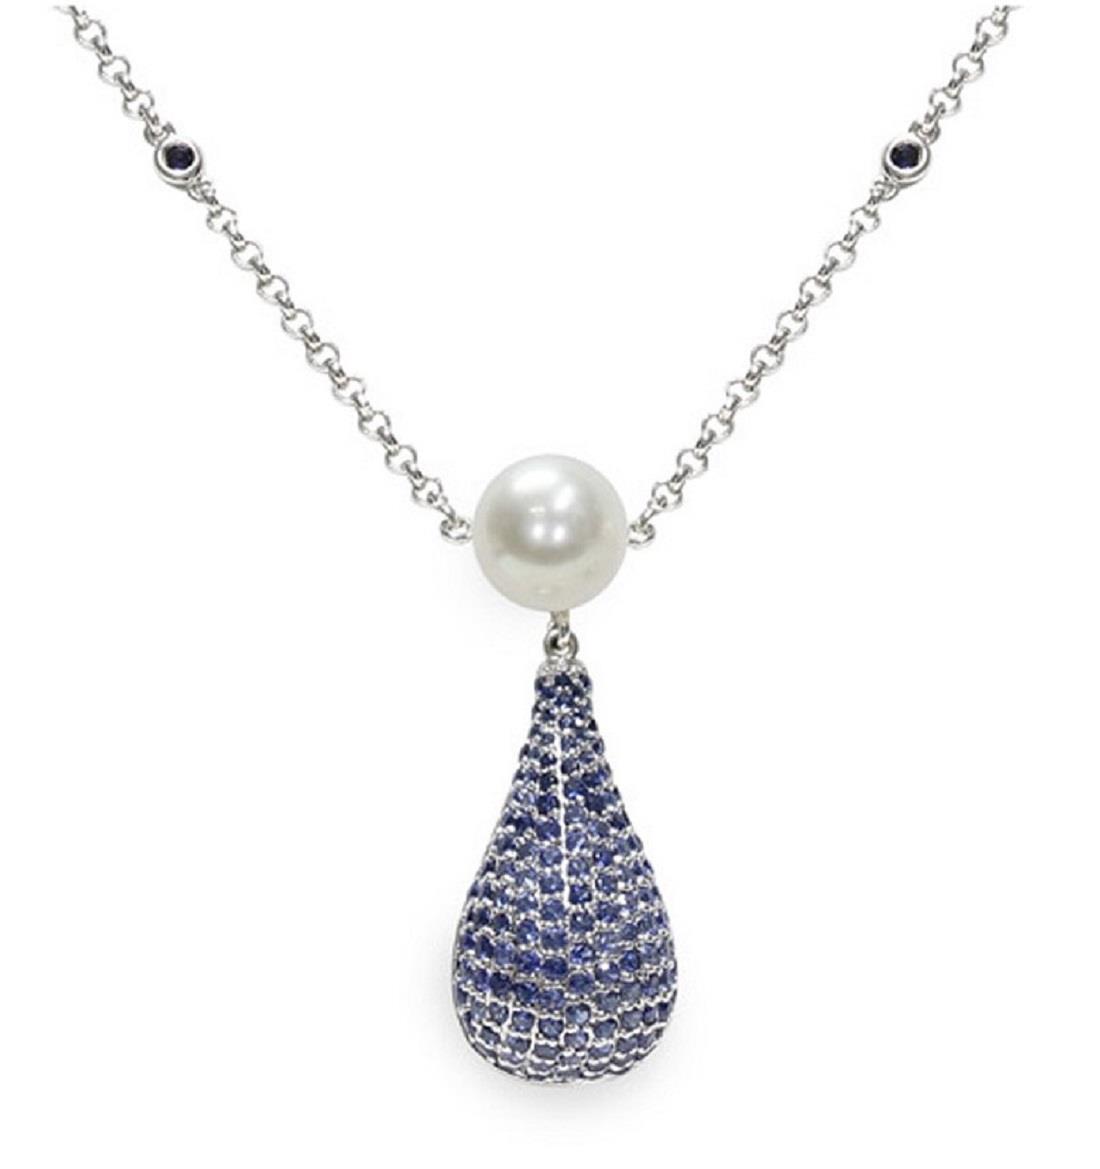 Collana con zaffiri e perla  - MAYUMI